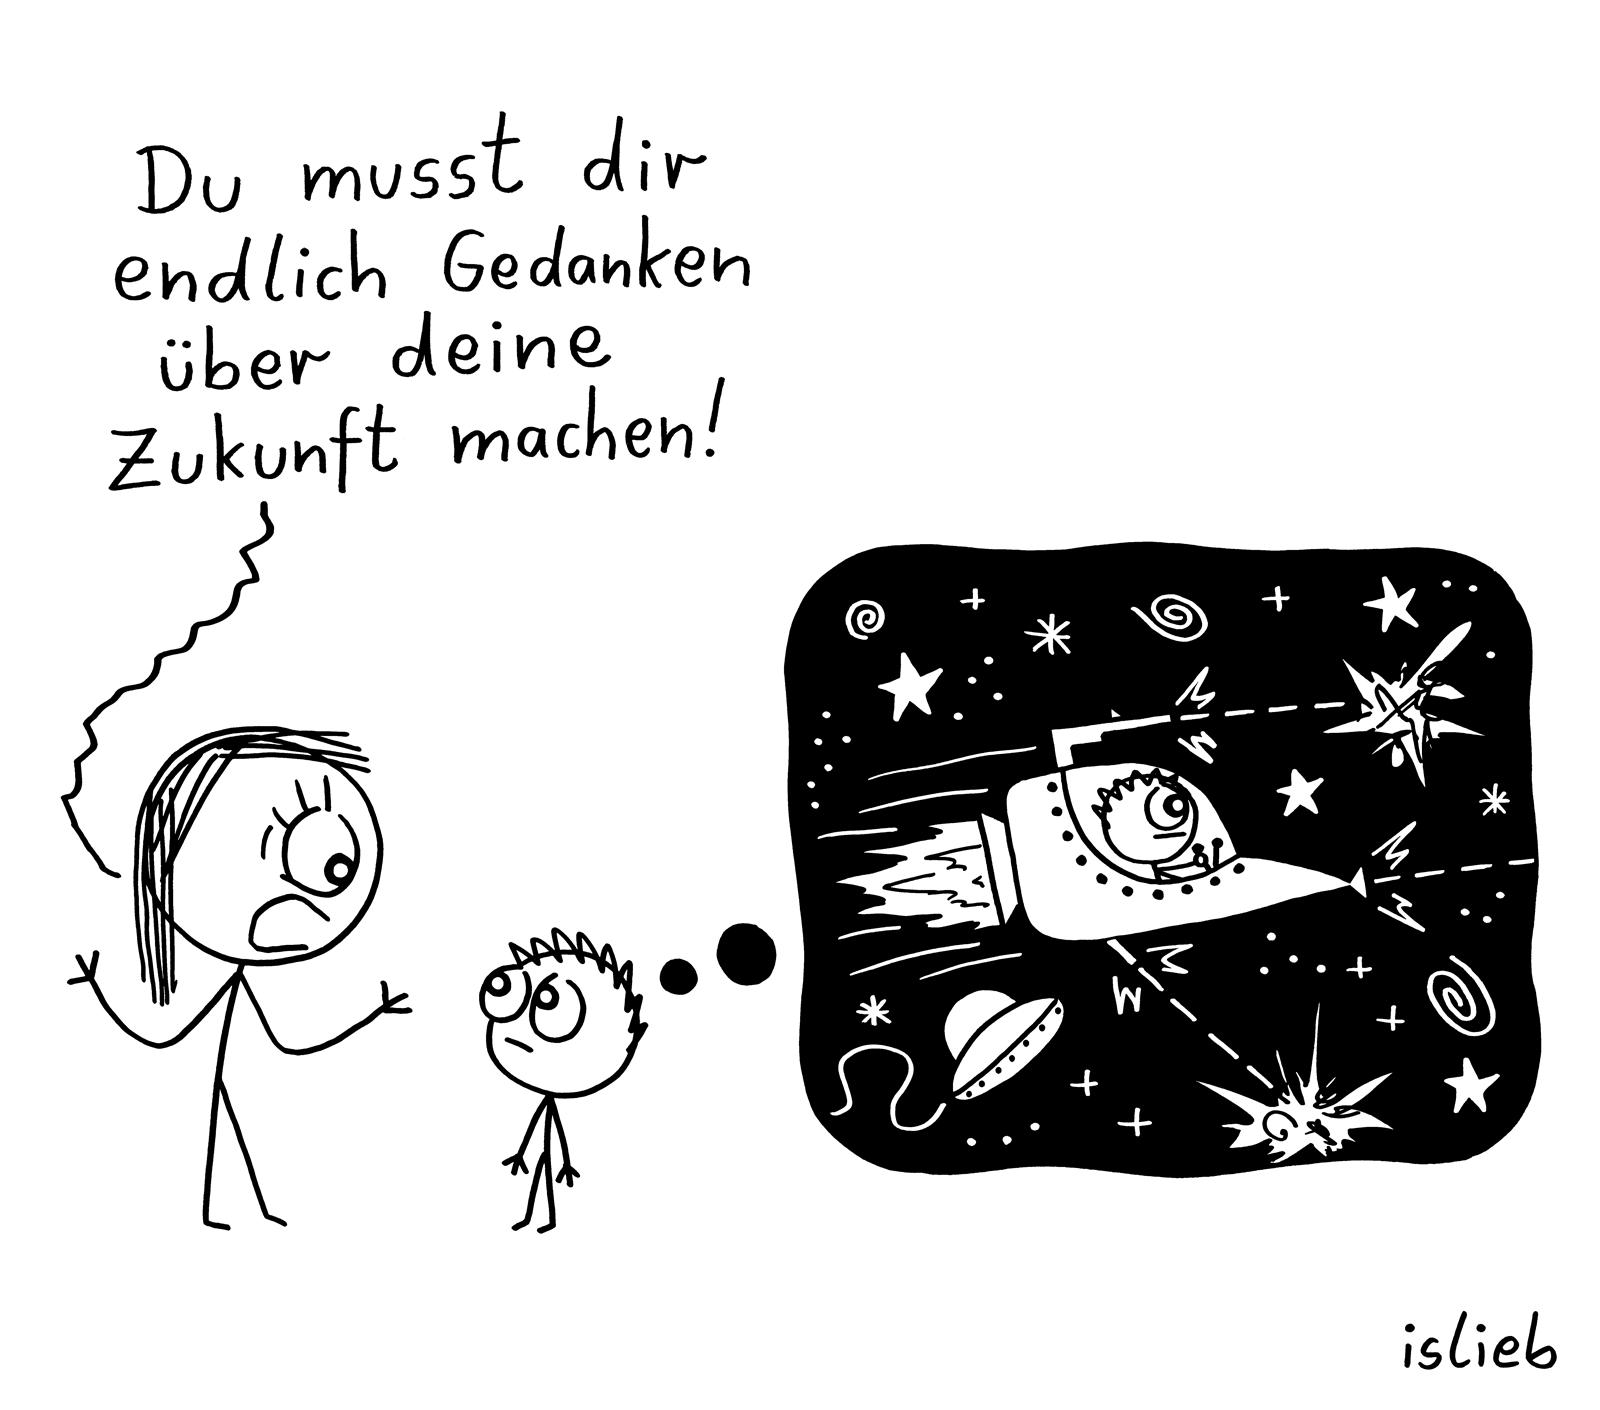 Gedanken machen | Zukunfts-Cartoon | is lieb?